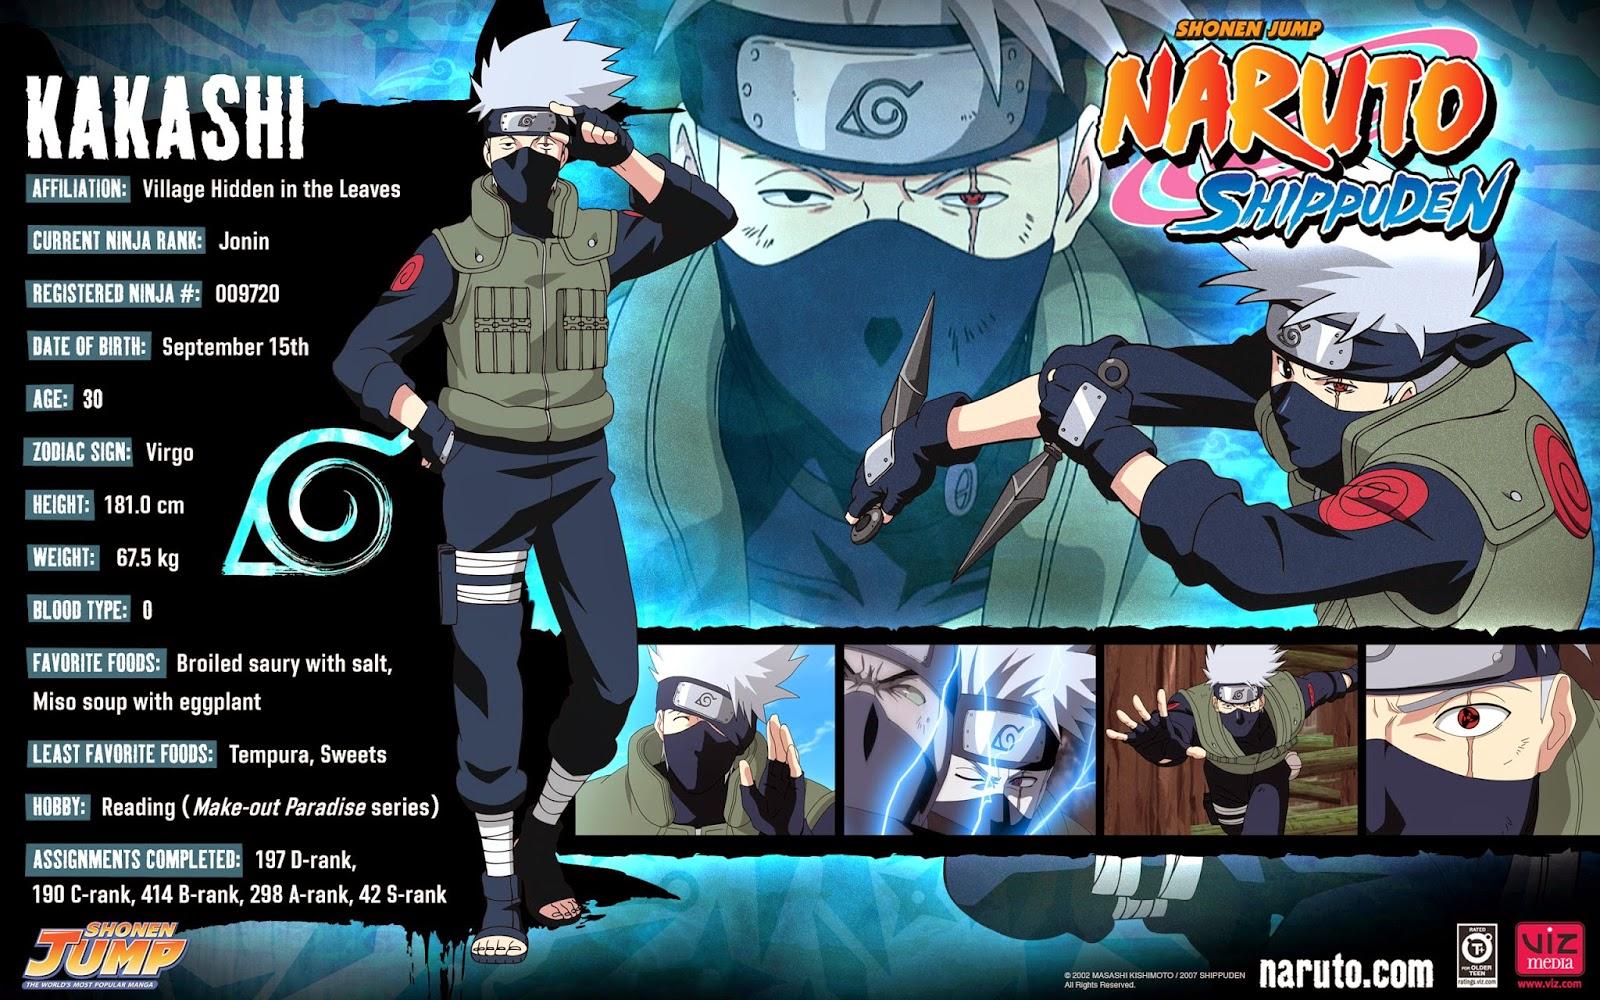 Thiên Bình: Uzumaki Naruto